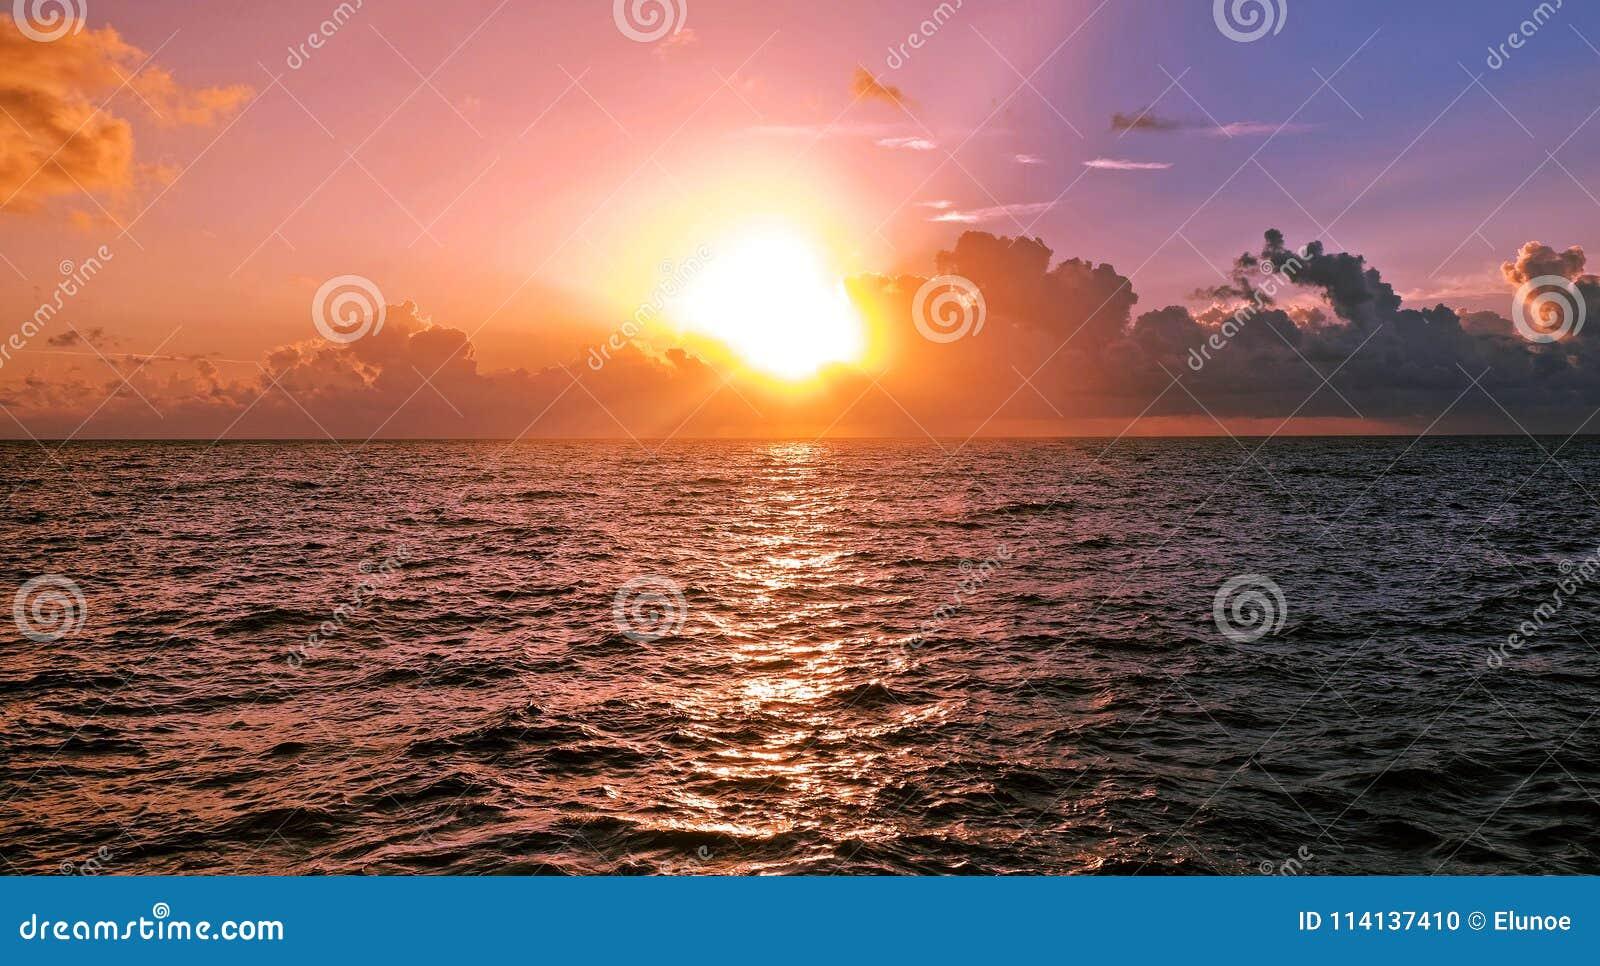 Madrugada sobre el mar del Caribe, la salida del sol y las nubes